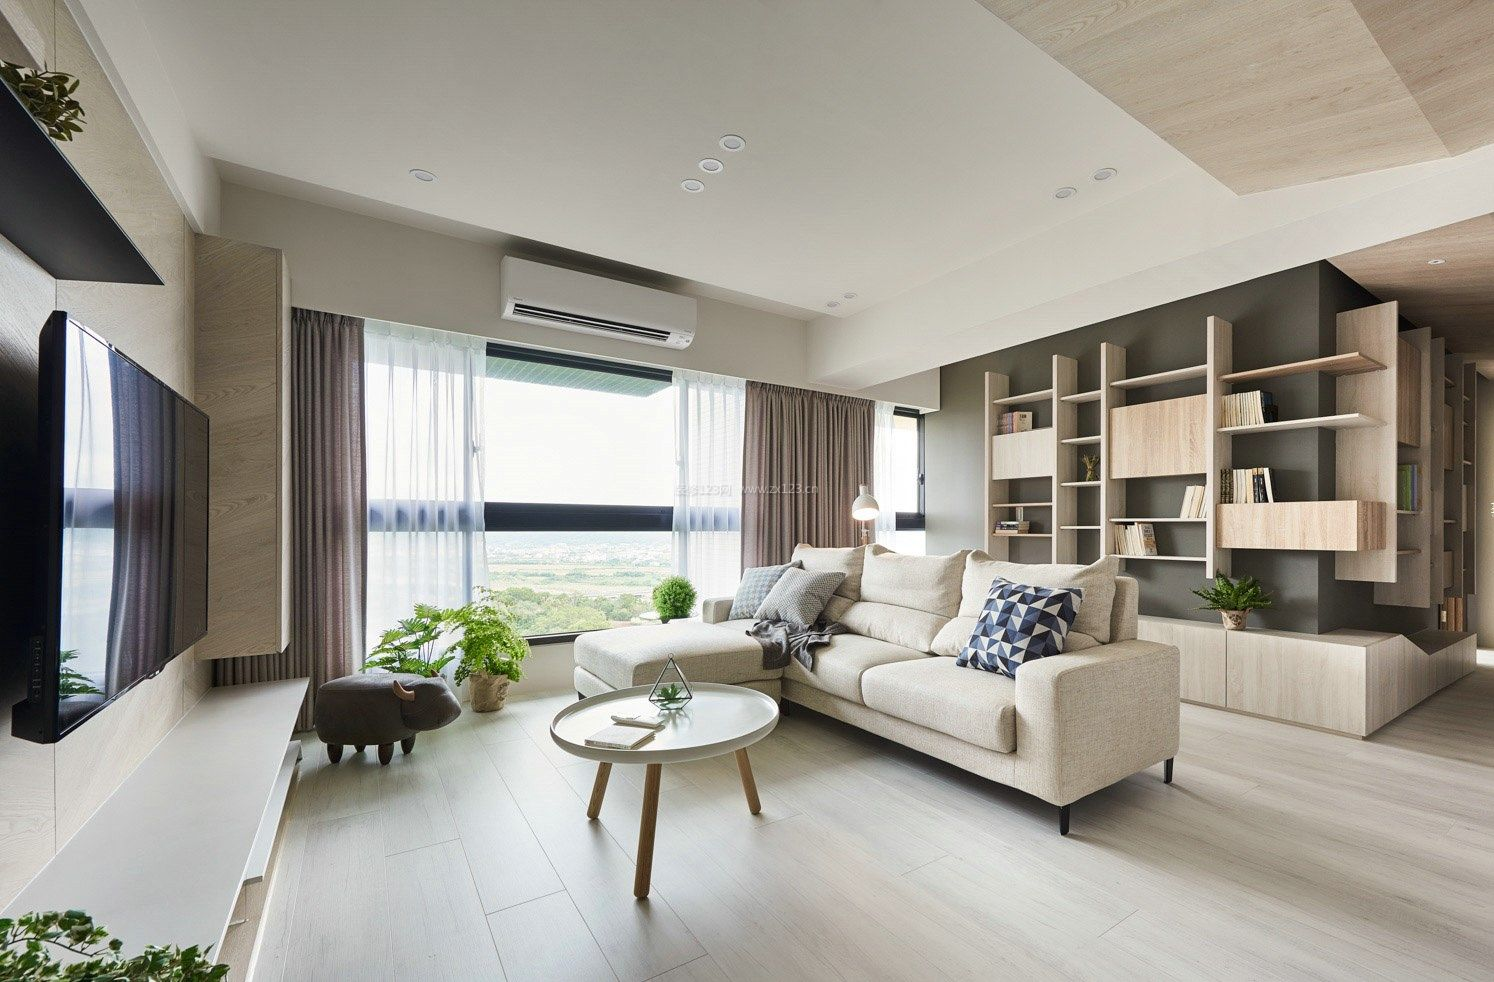 2017现代北欧风格客厅书房装修效果图欣赏图片